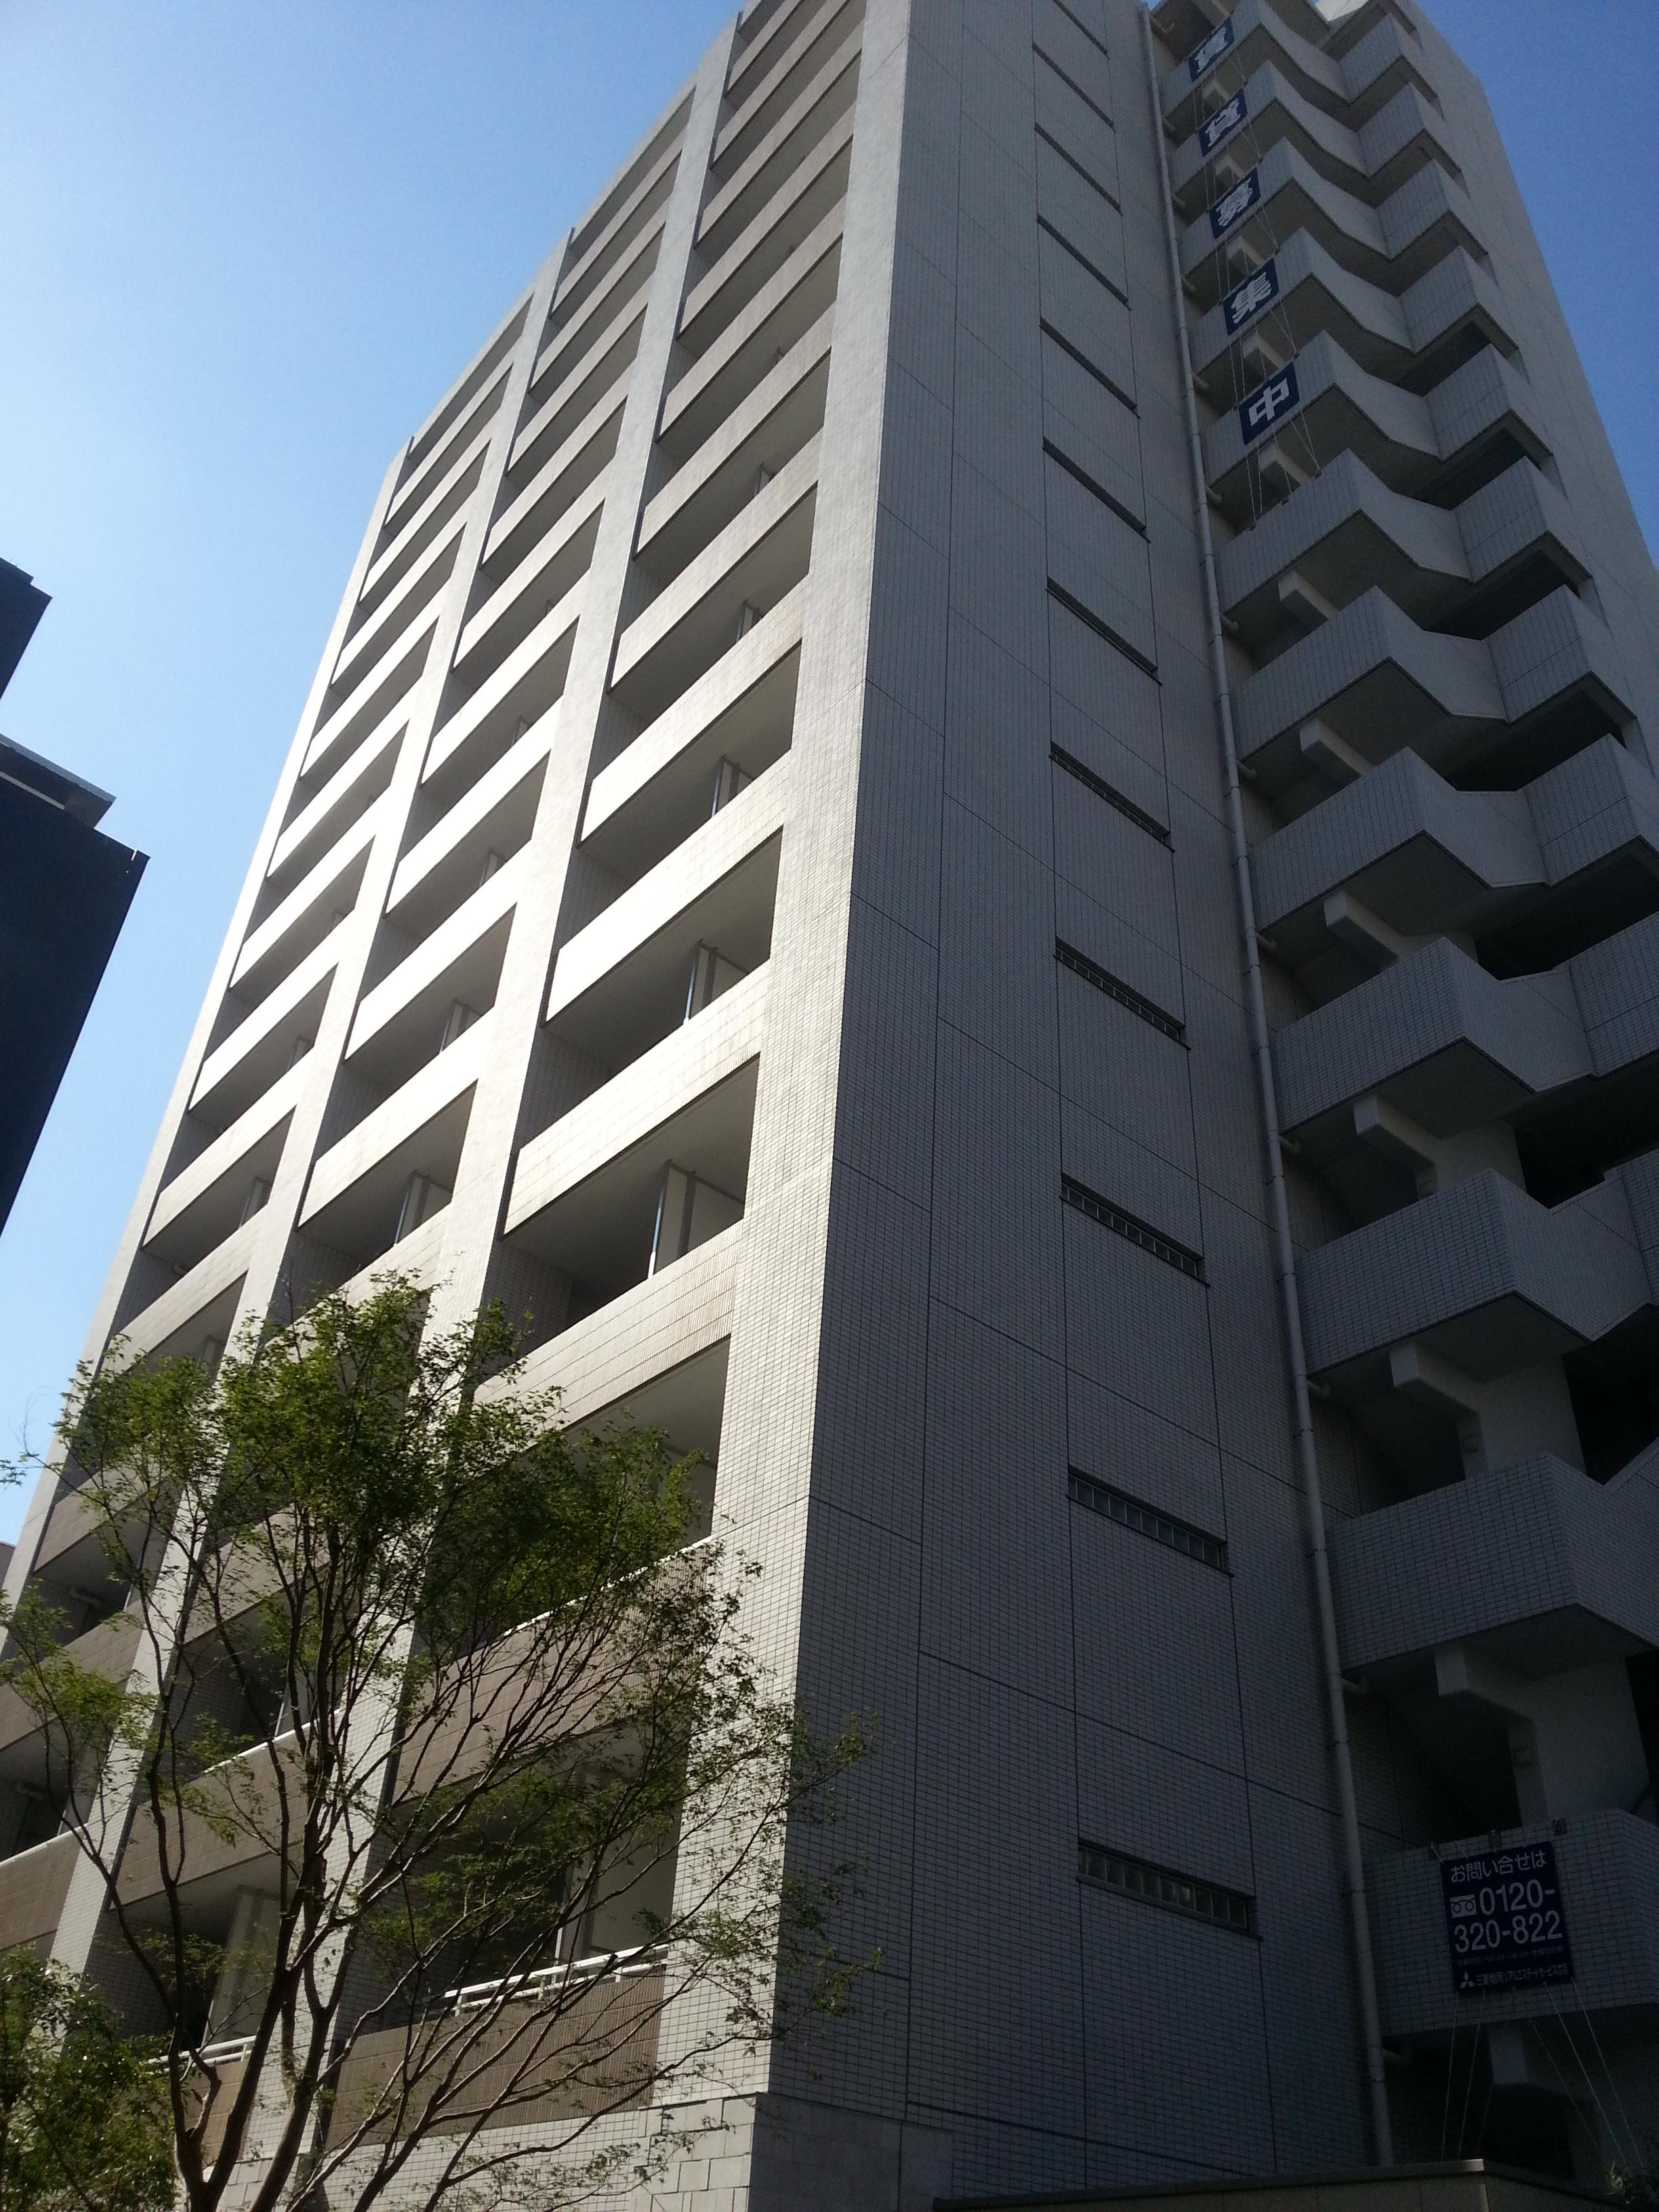 パークハビオ西新宿の外観・共用部画像です。